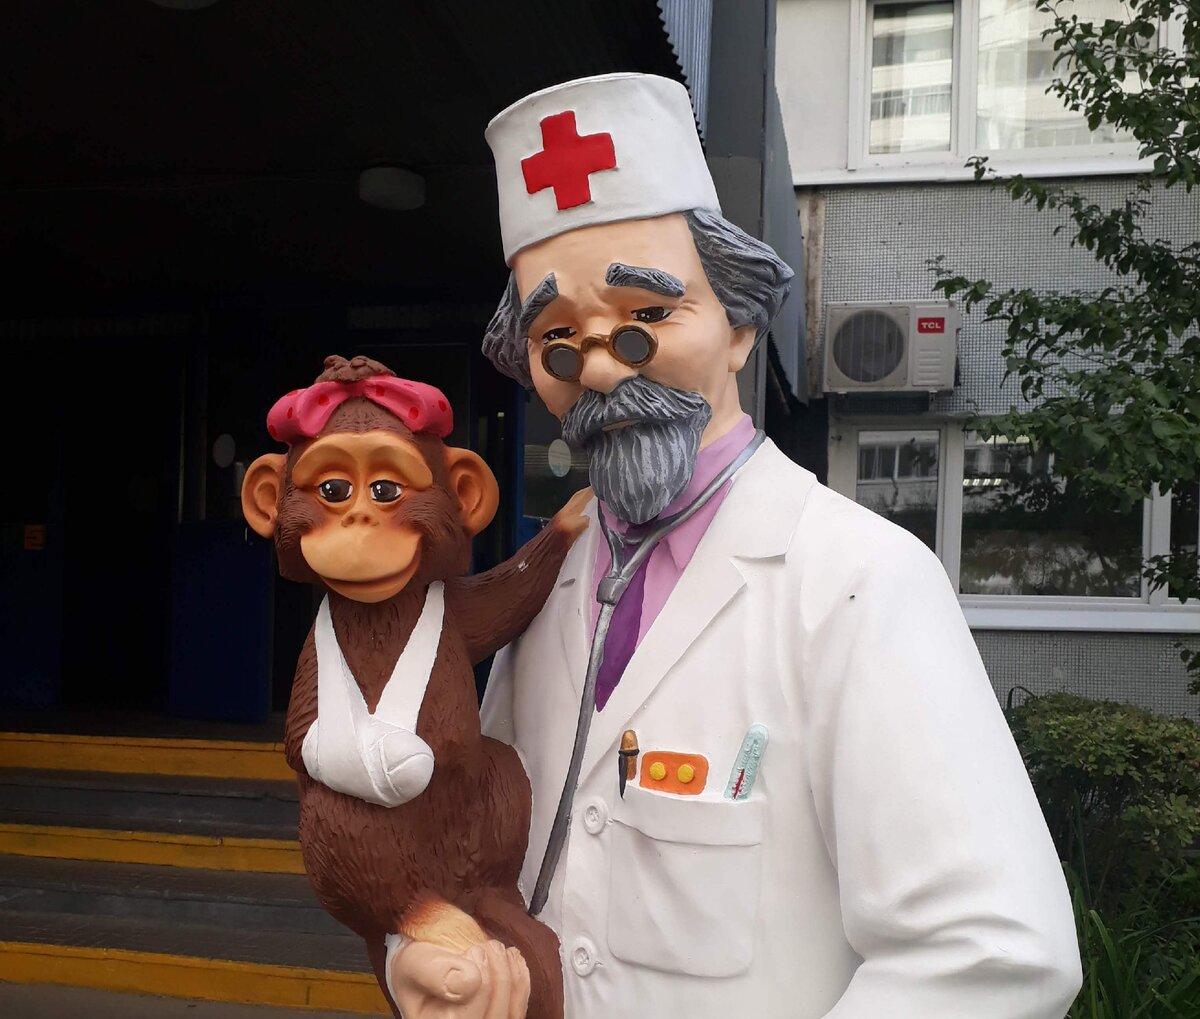 Вот такой Айболит стоит около нашей поликлиники для моральной поддержки пациентов. Всех излечит, исцелит. Но это не точно:))